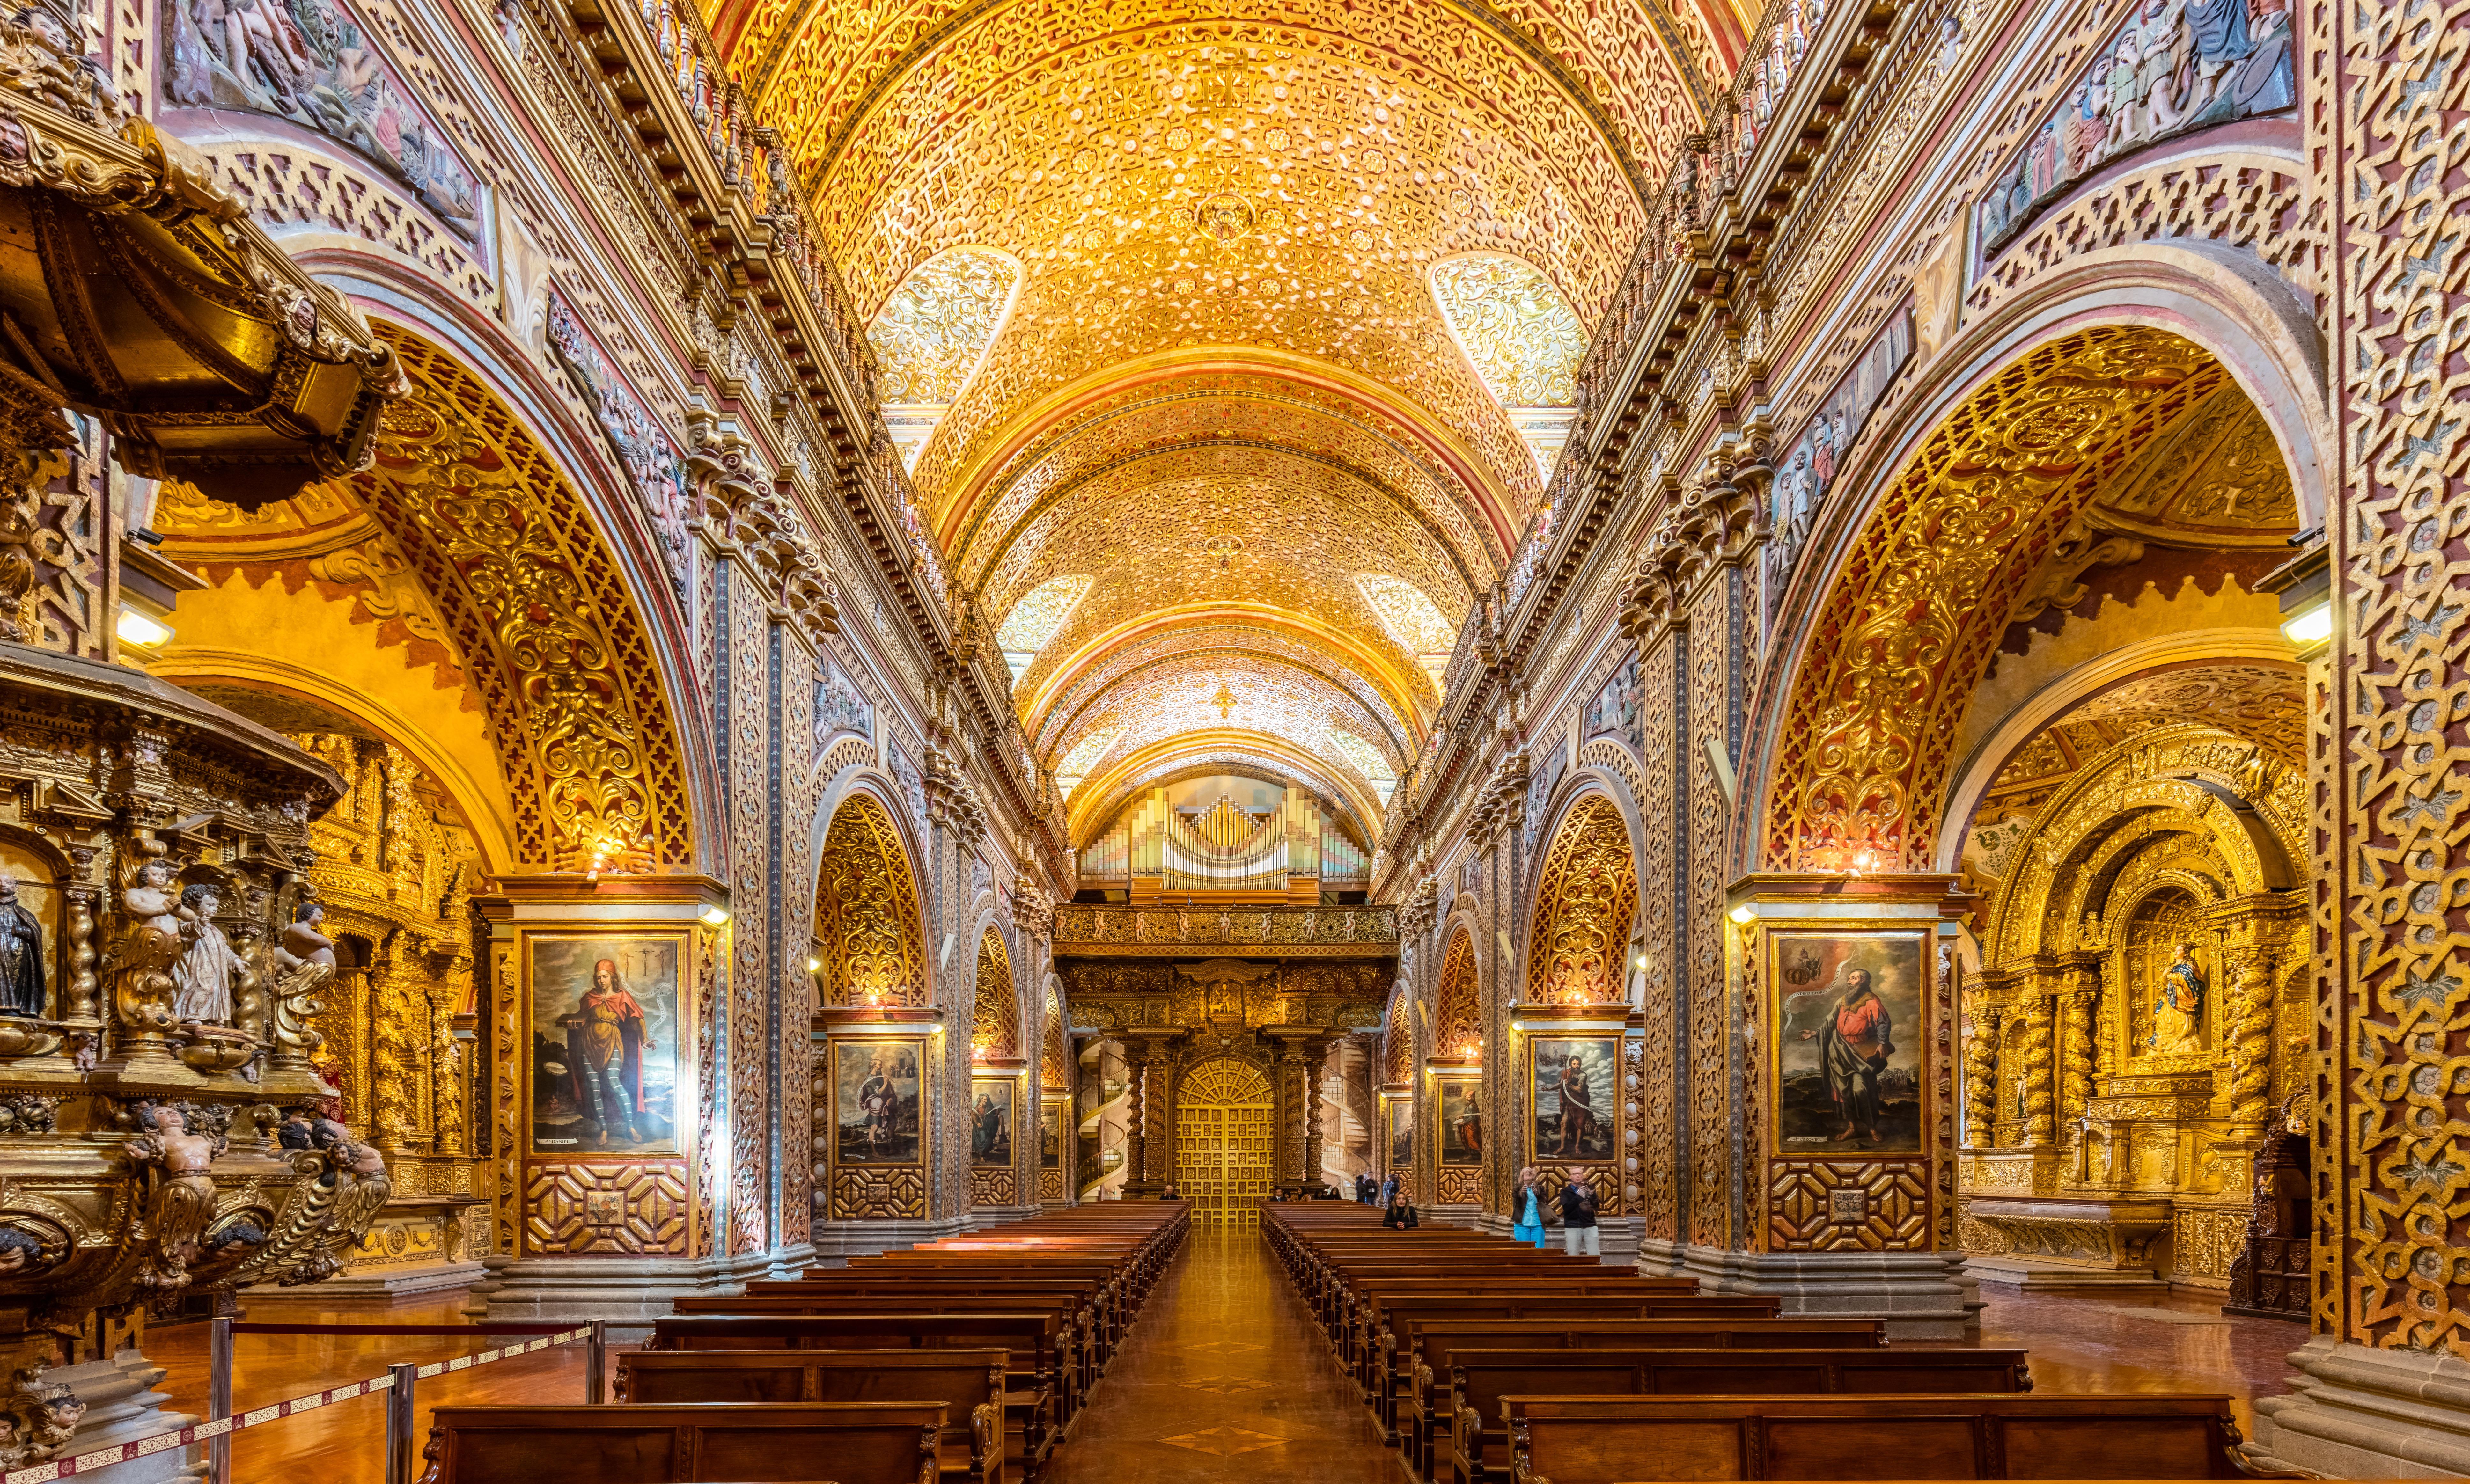 La Iglesia De La Compañía Una Joya Del Arte Barroco En: Equator & Prime Meridian, With Monuments